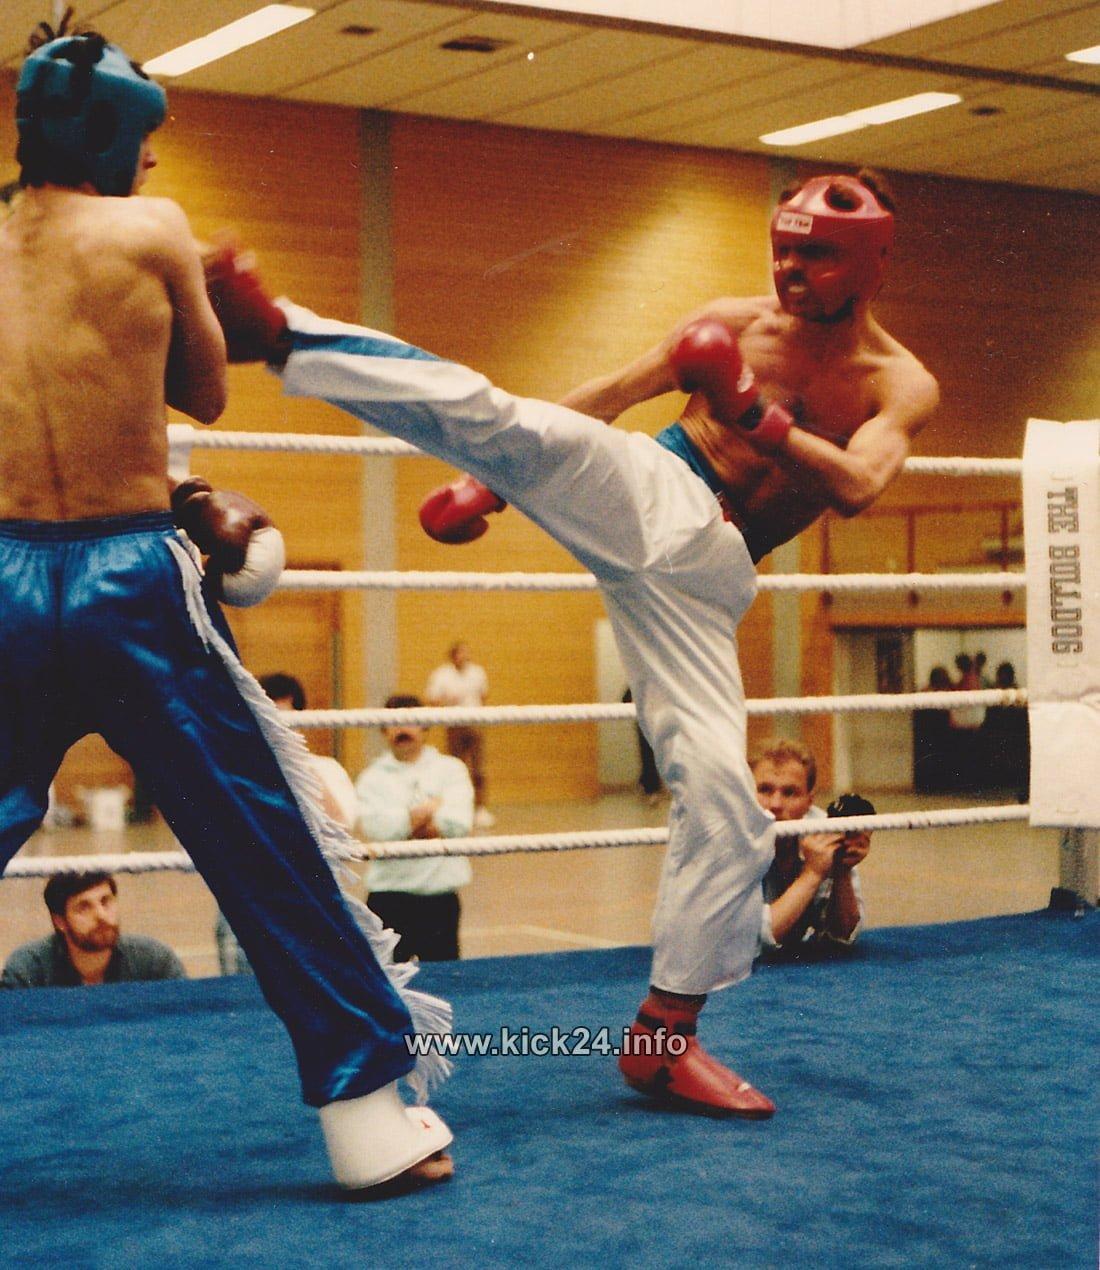 Joachim Mainka Fighter